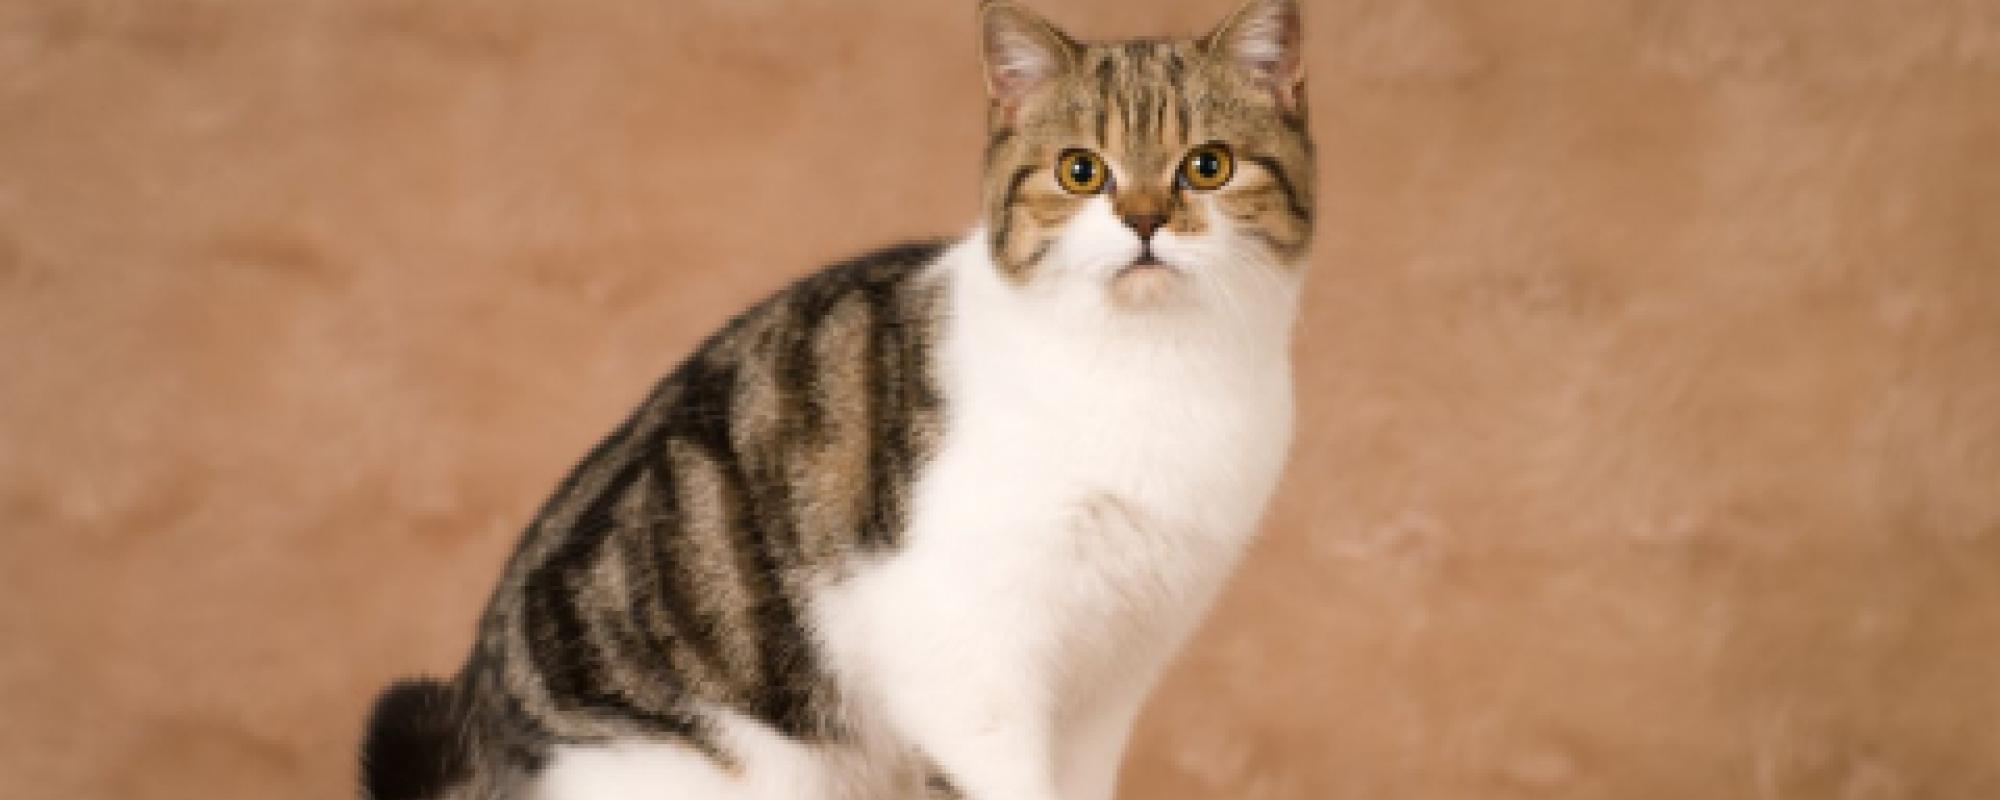 Cat Number 1